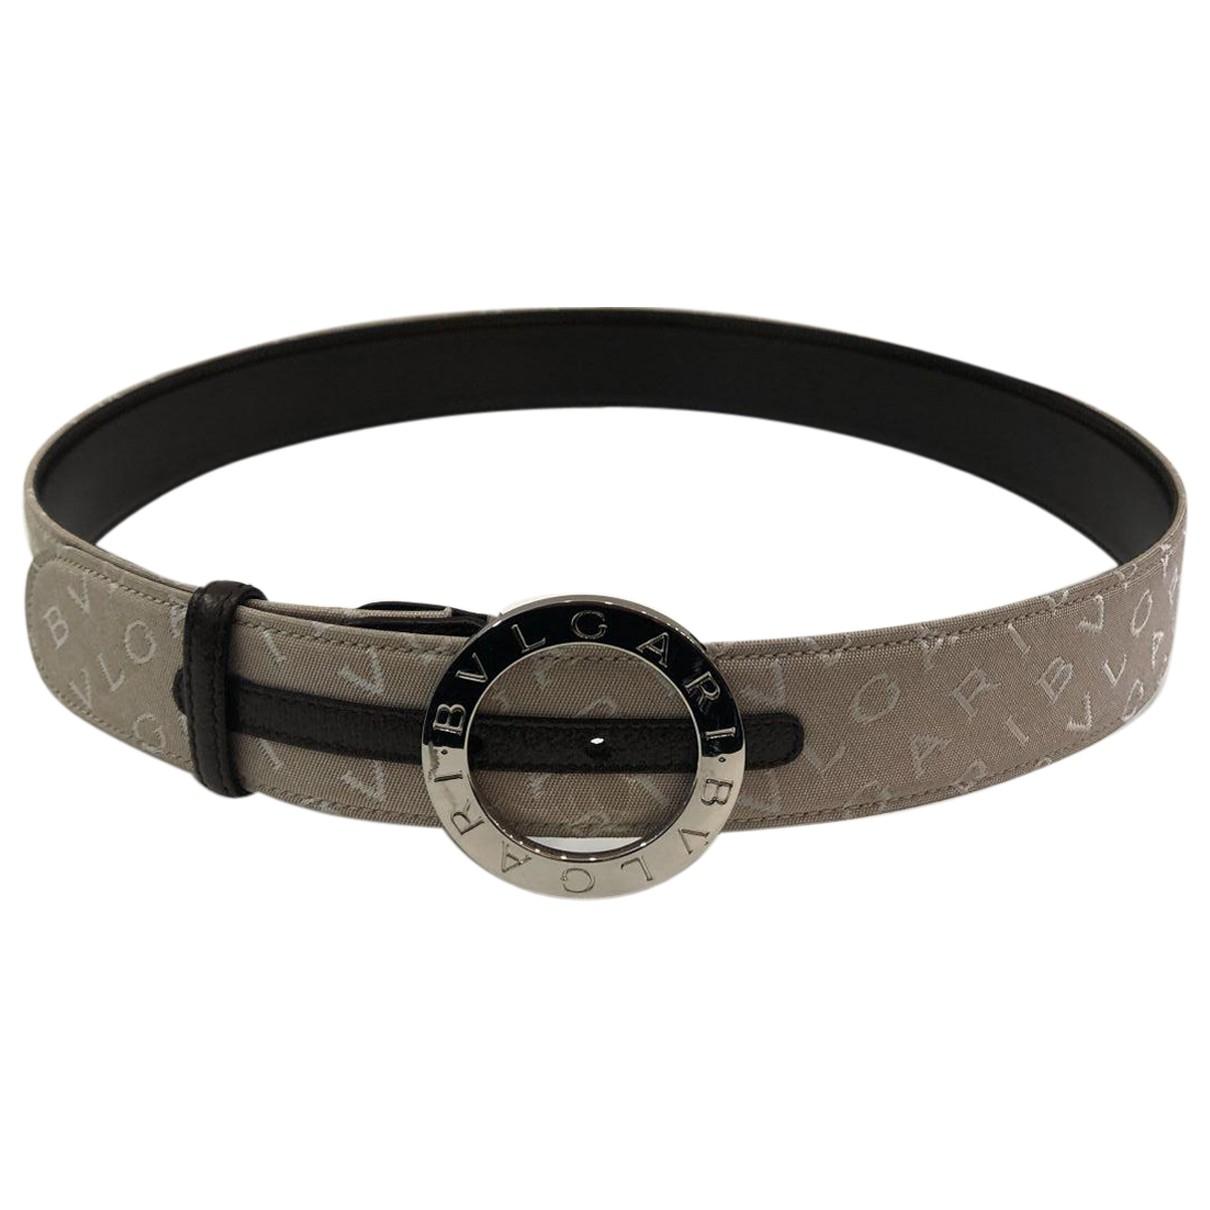 Cinturon de Lona Bvlgari